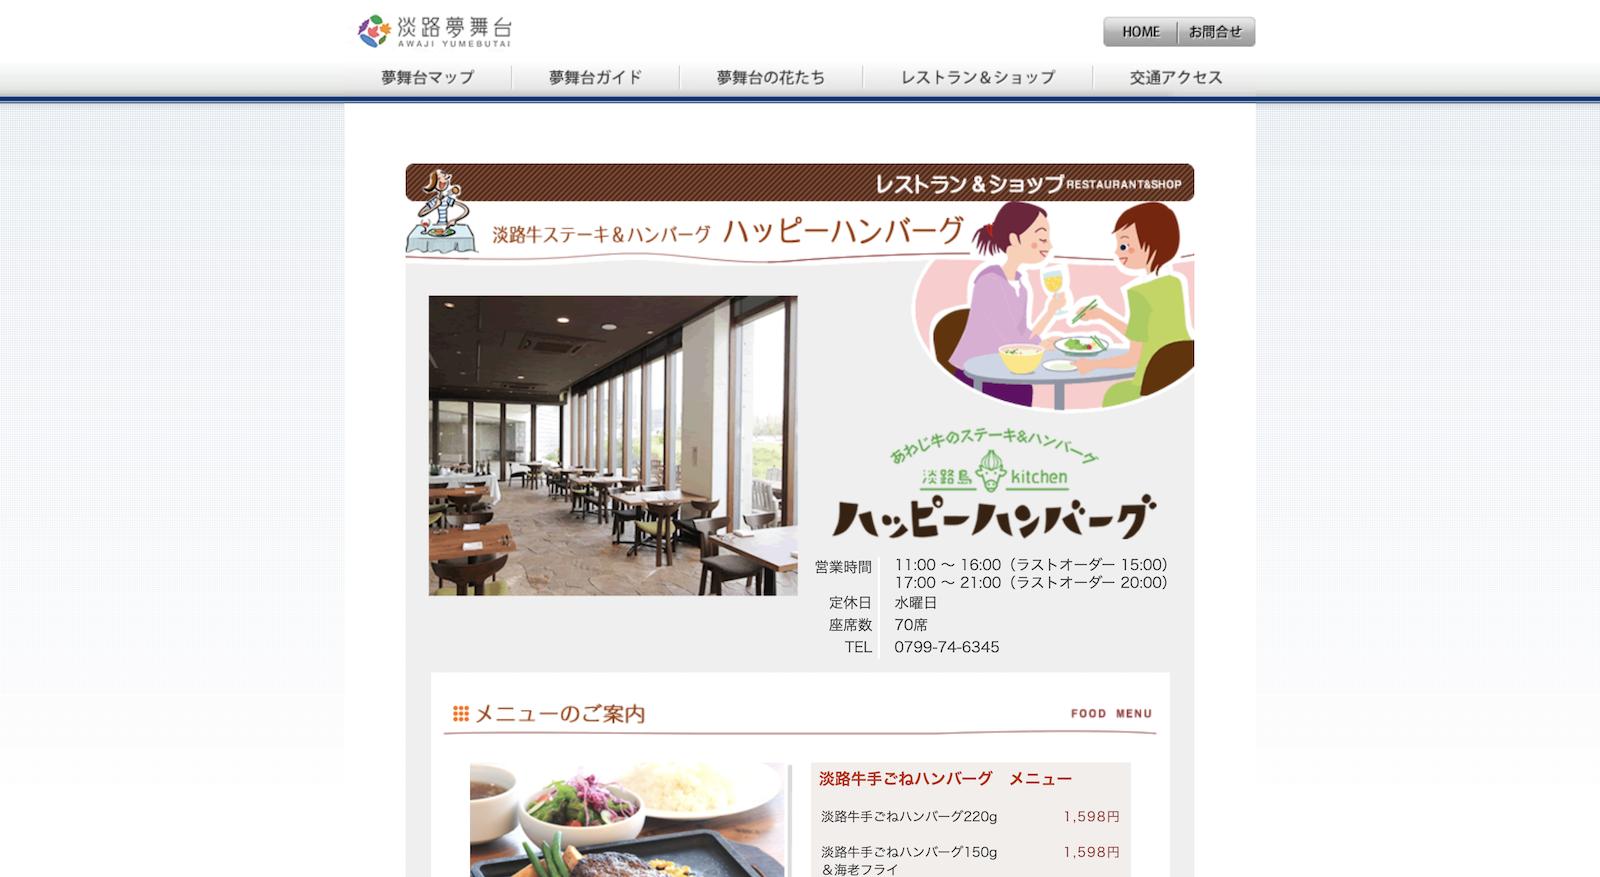 淡路島 ドッグ カフェ